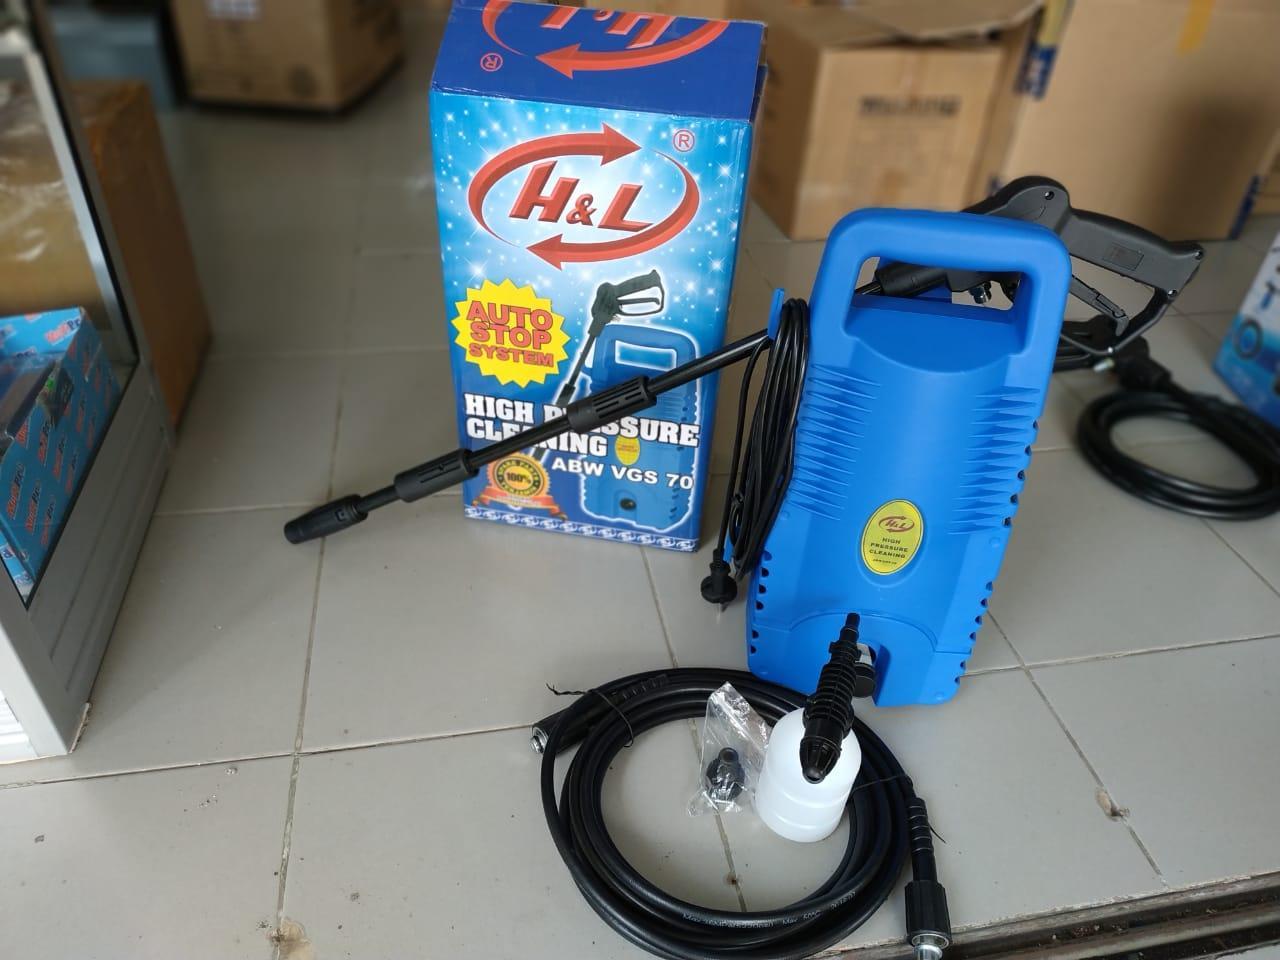 Mesin Cuci Motor Dan Mobil / Alat Steam Cuci Motor & Mobil ABW VGS 70 H&L